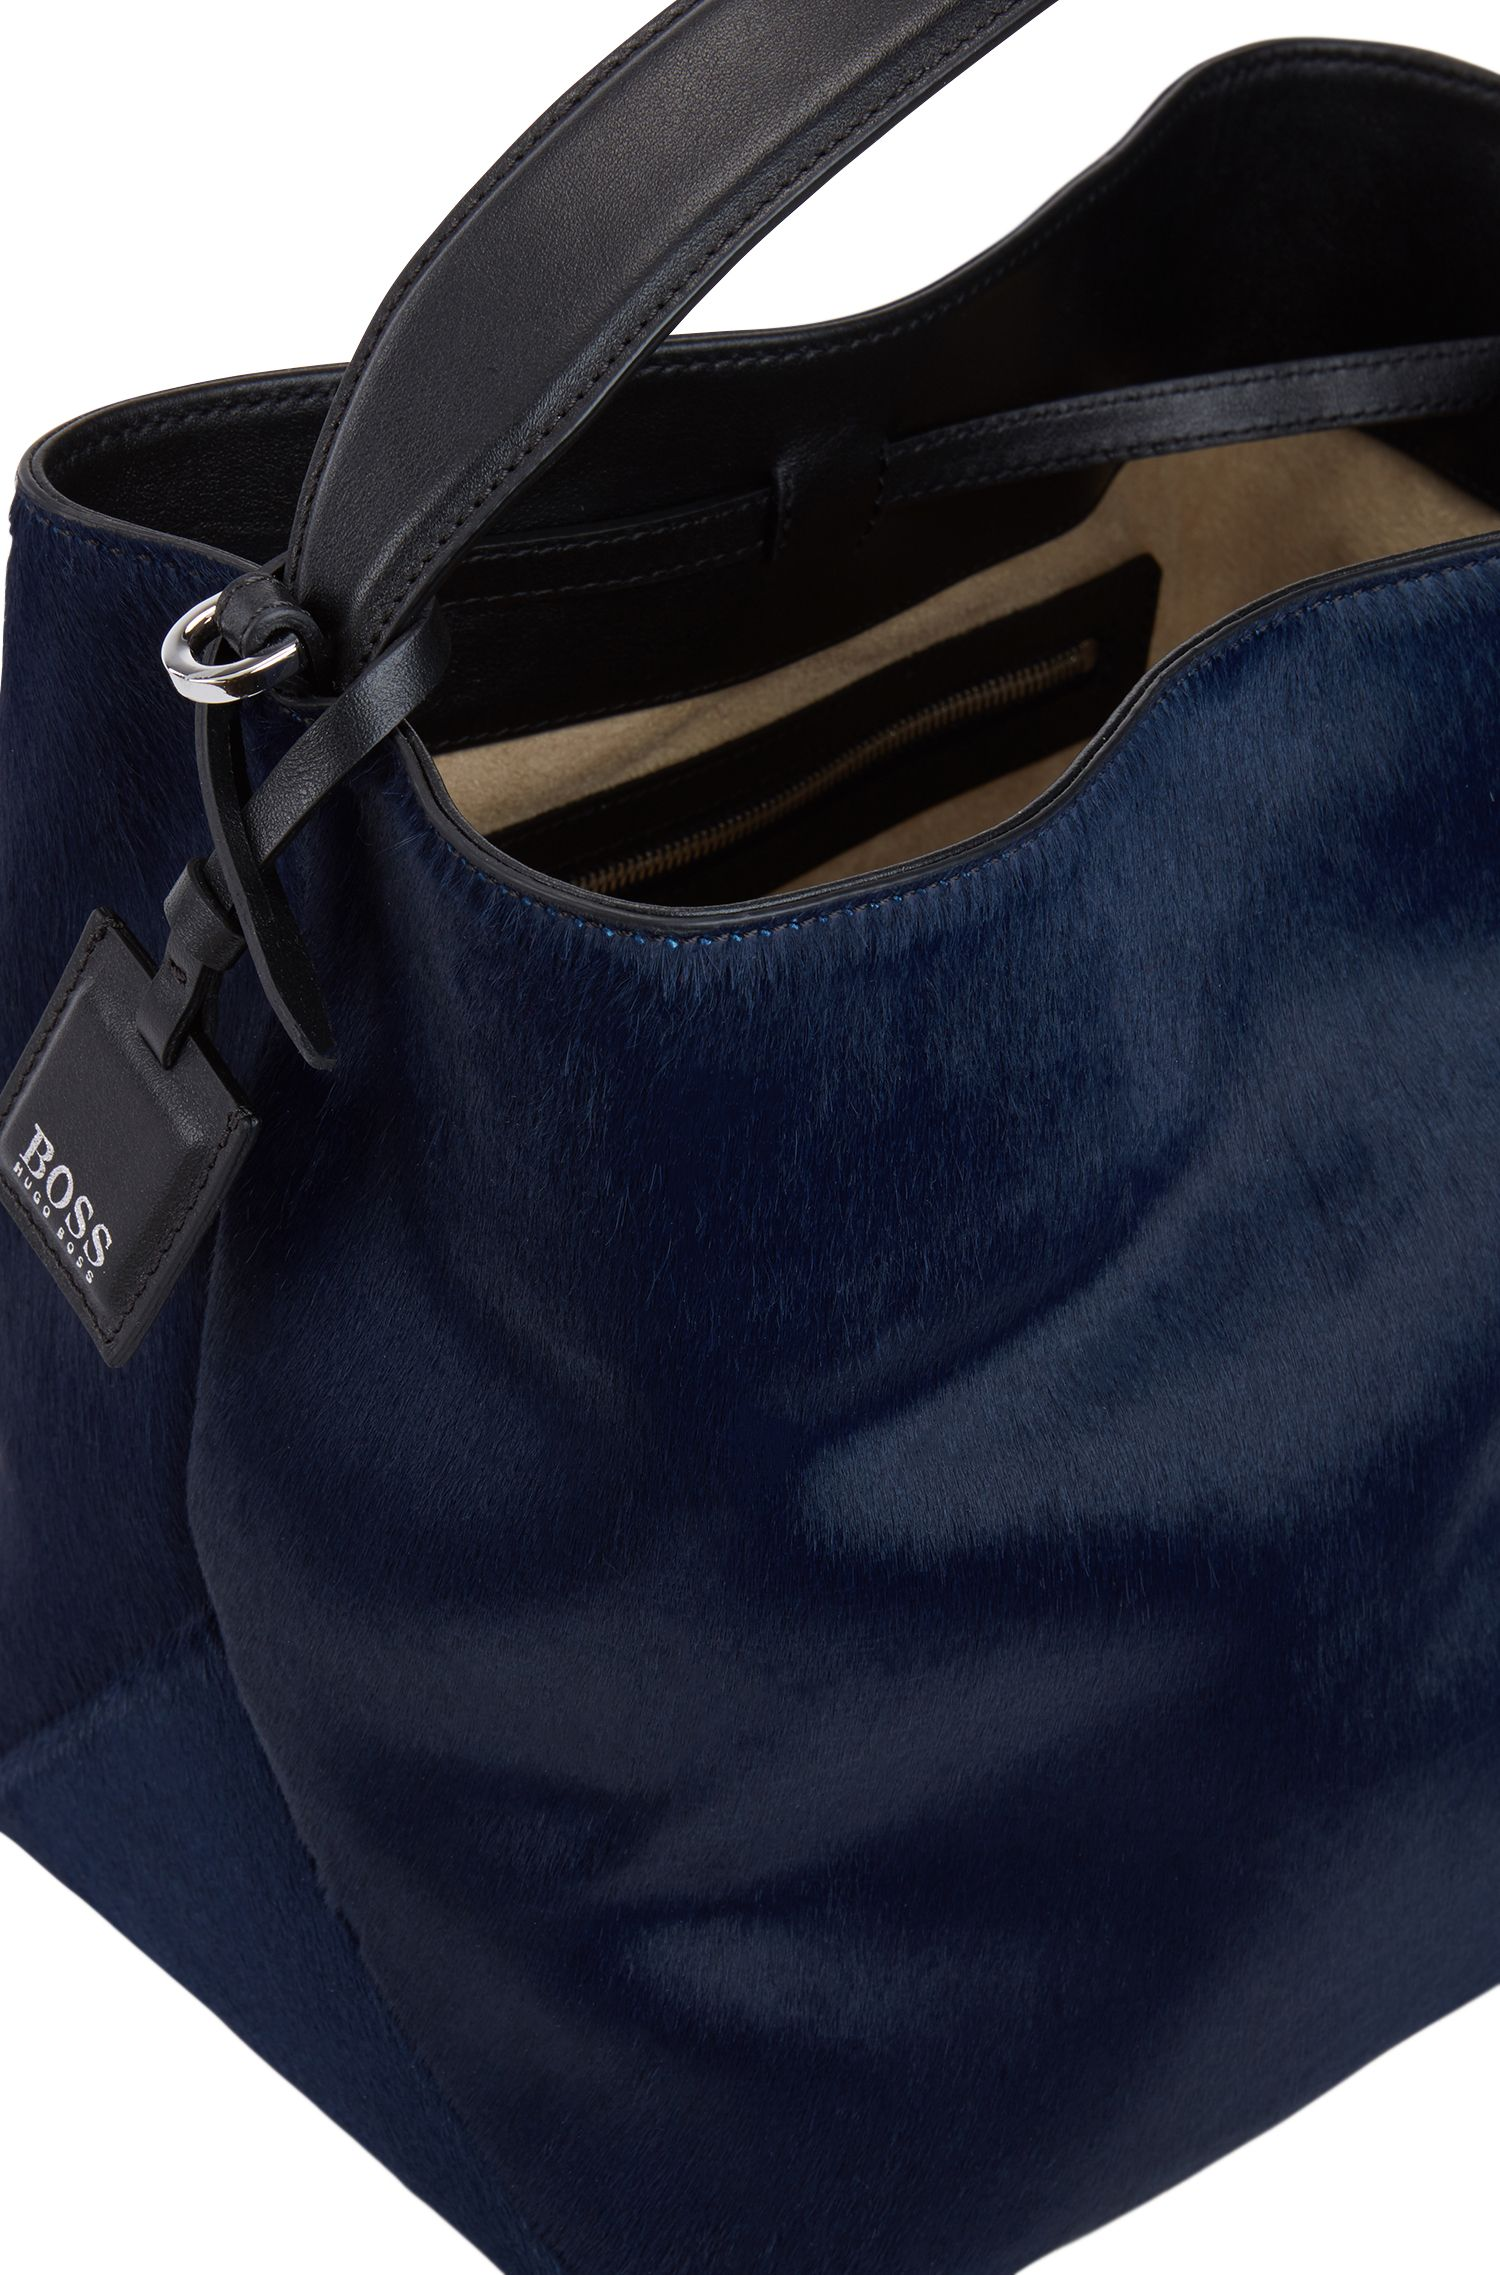 Bucket bag uit de Gallery Collectie, van premium Italiaans kalfsvel, Lichtblauw